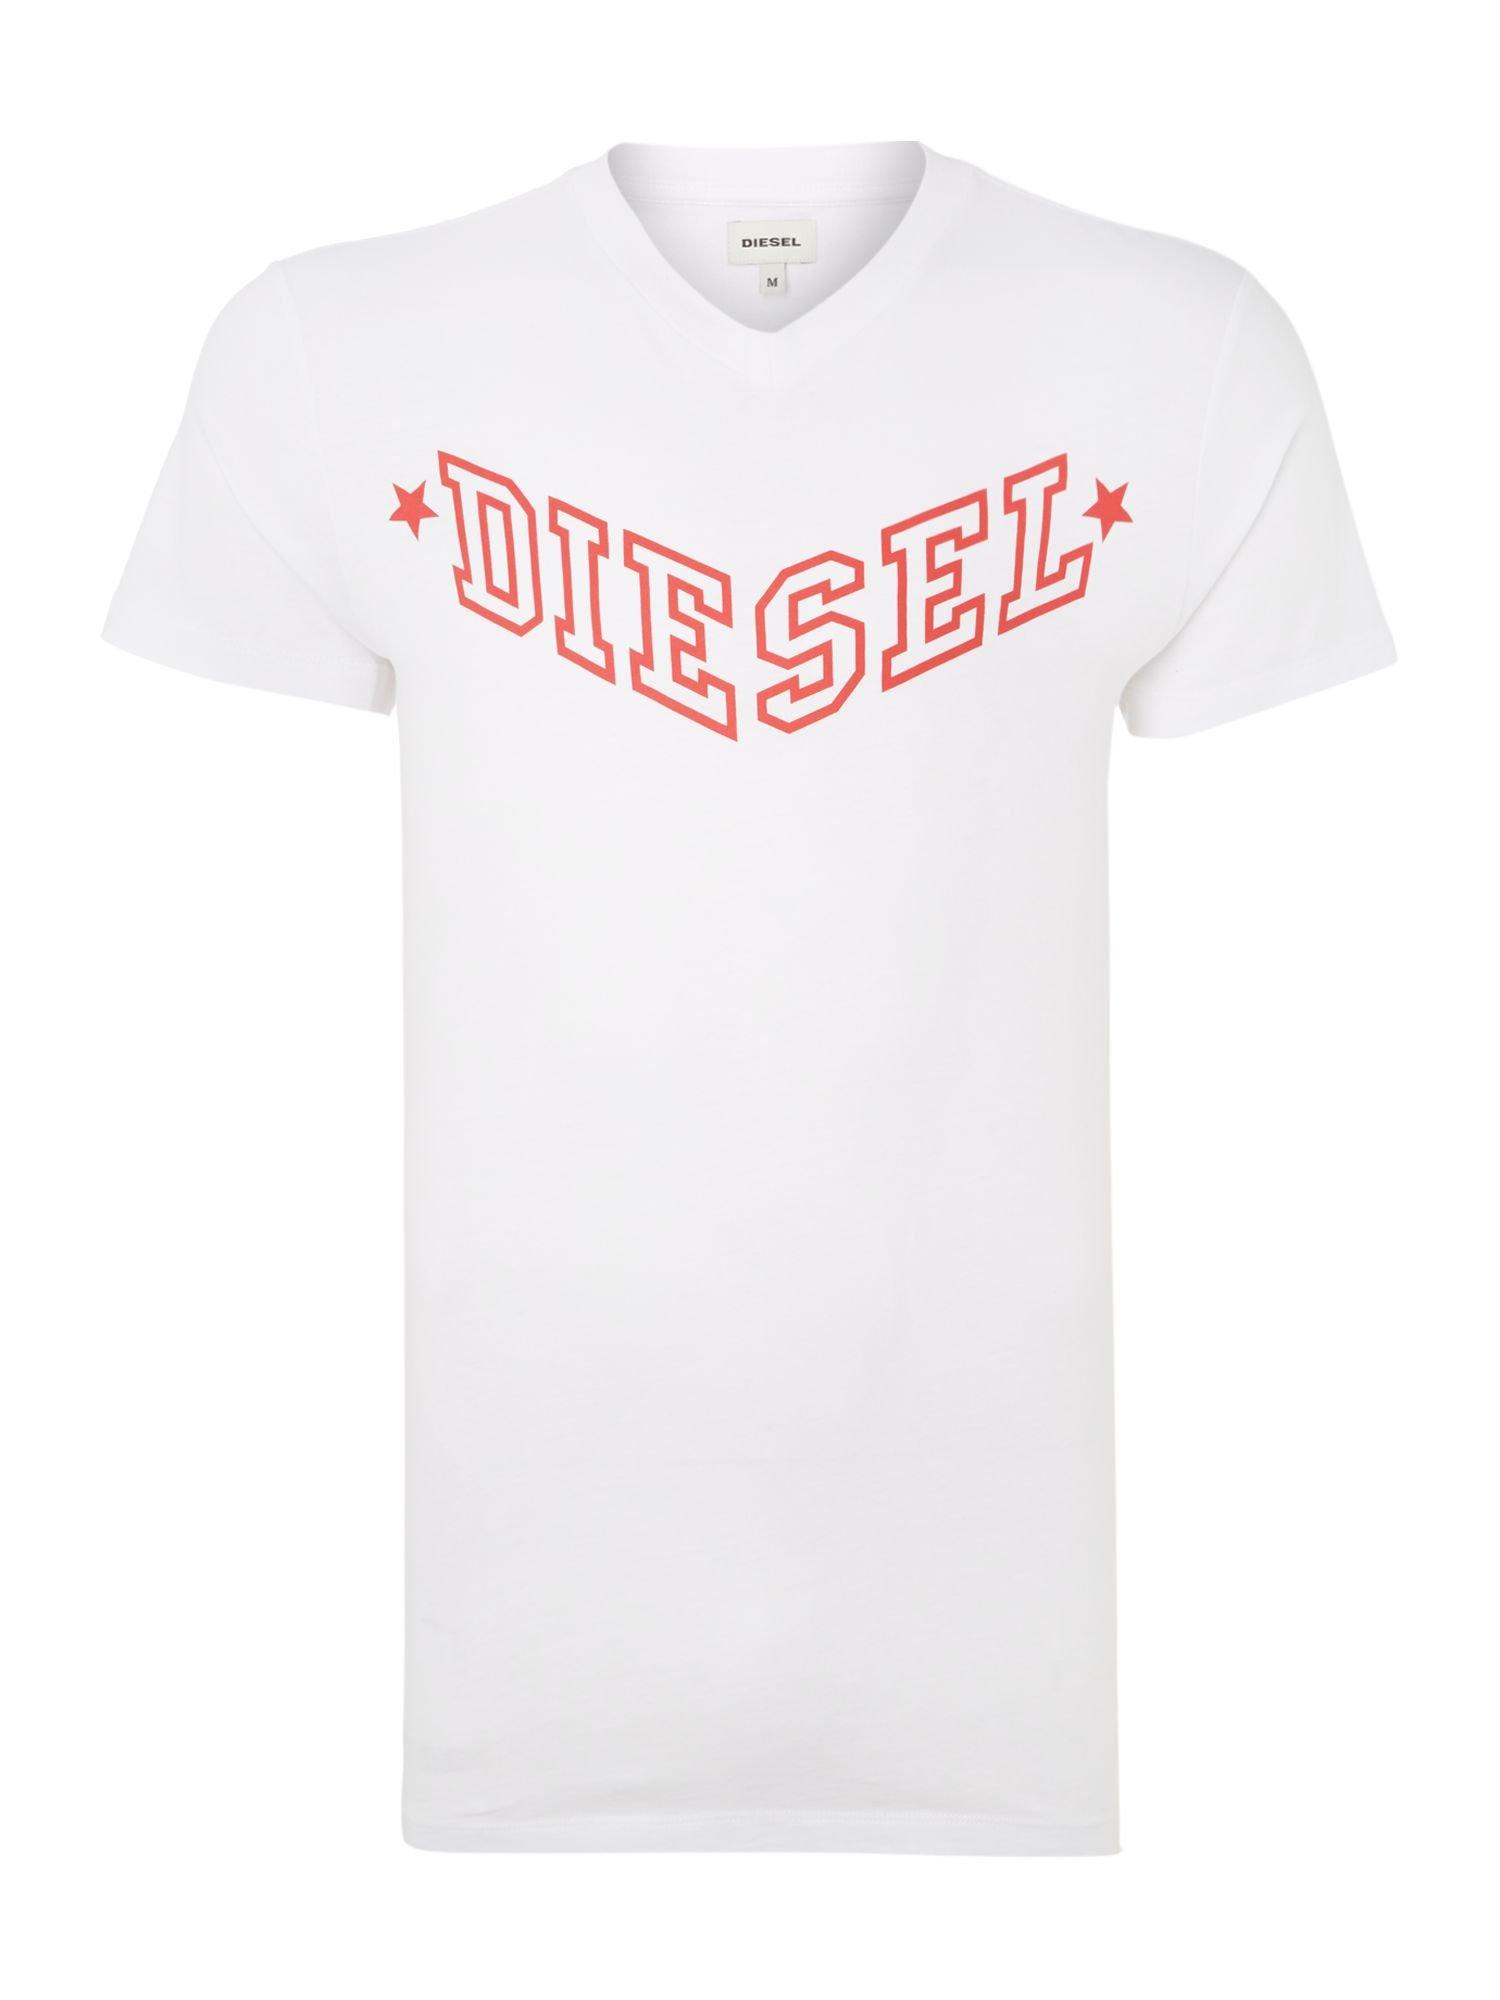 DIESEL Cotton V Neck V Logo T Shirt in White for Men - Lyst